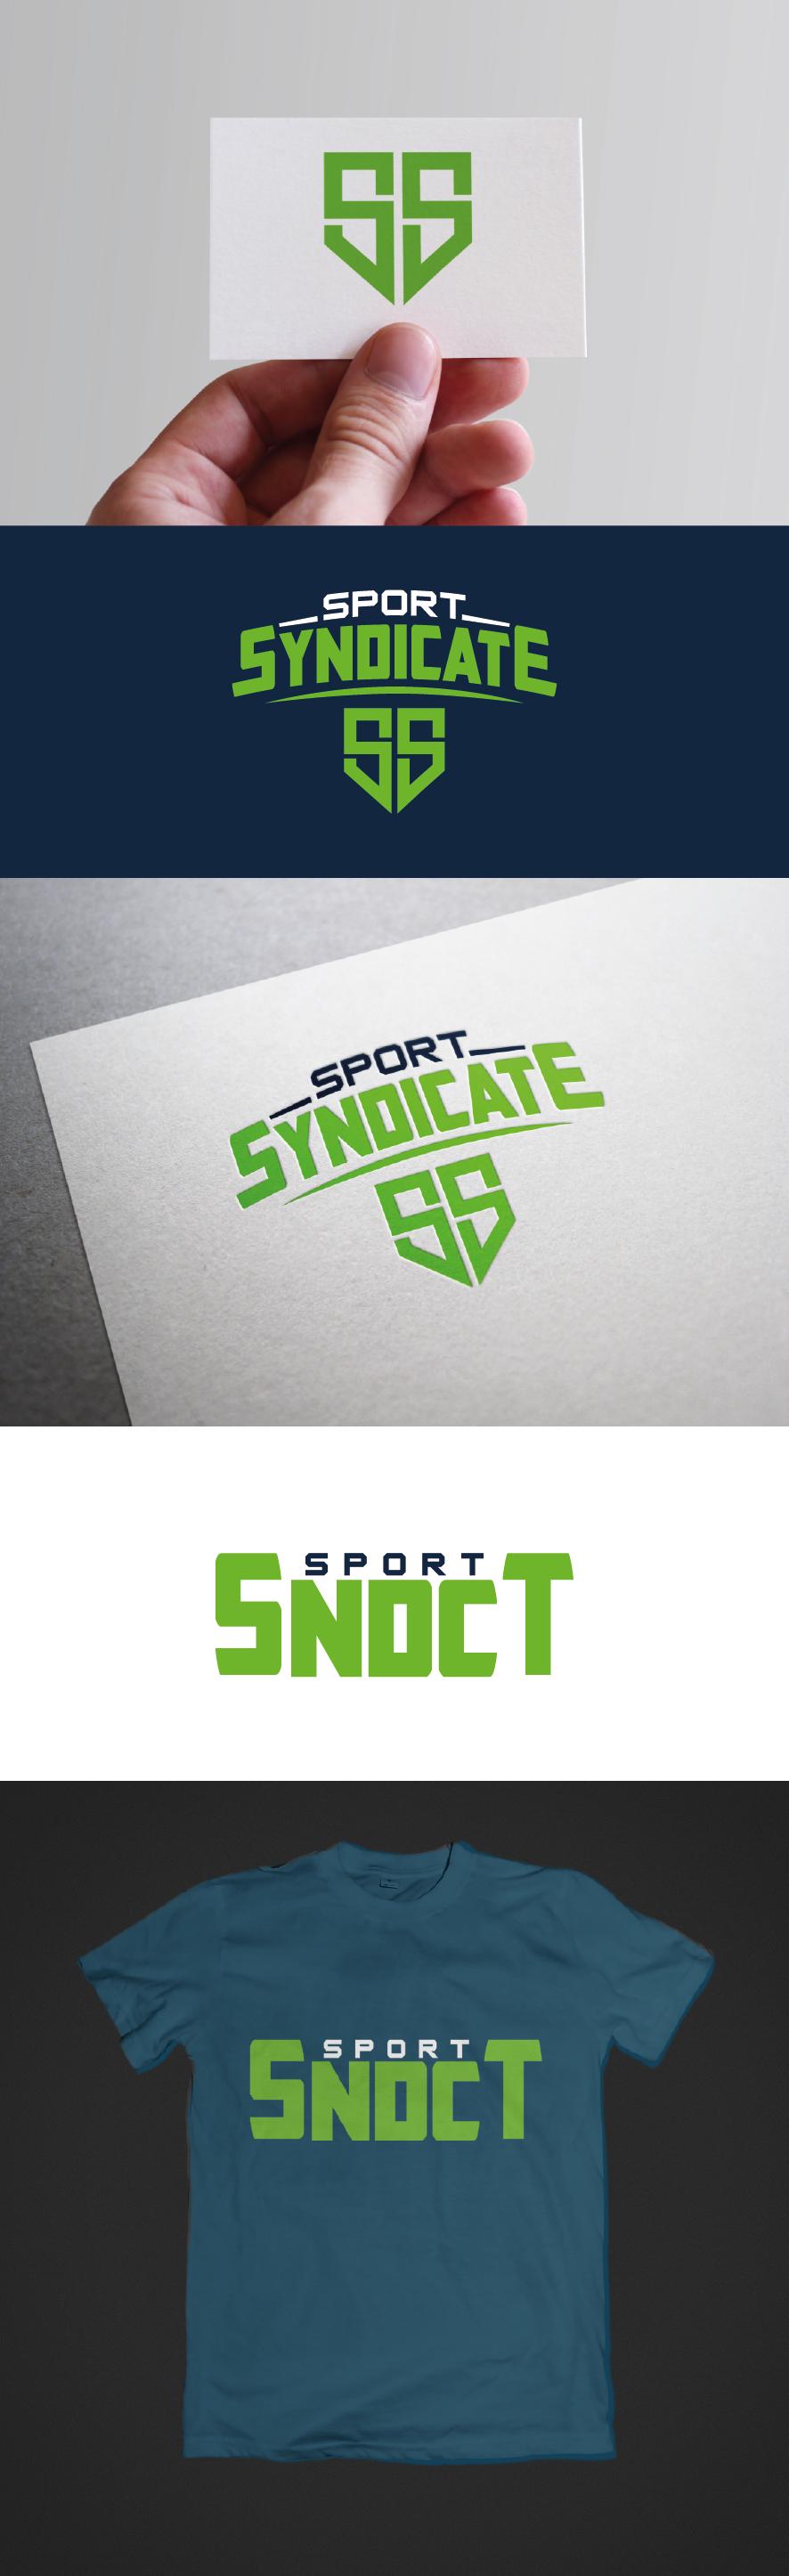 Создать логотип для сети магазинов спортивного питания фото f_43459779e23b2611.png